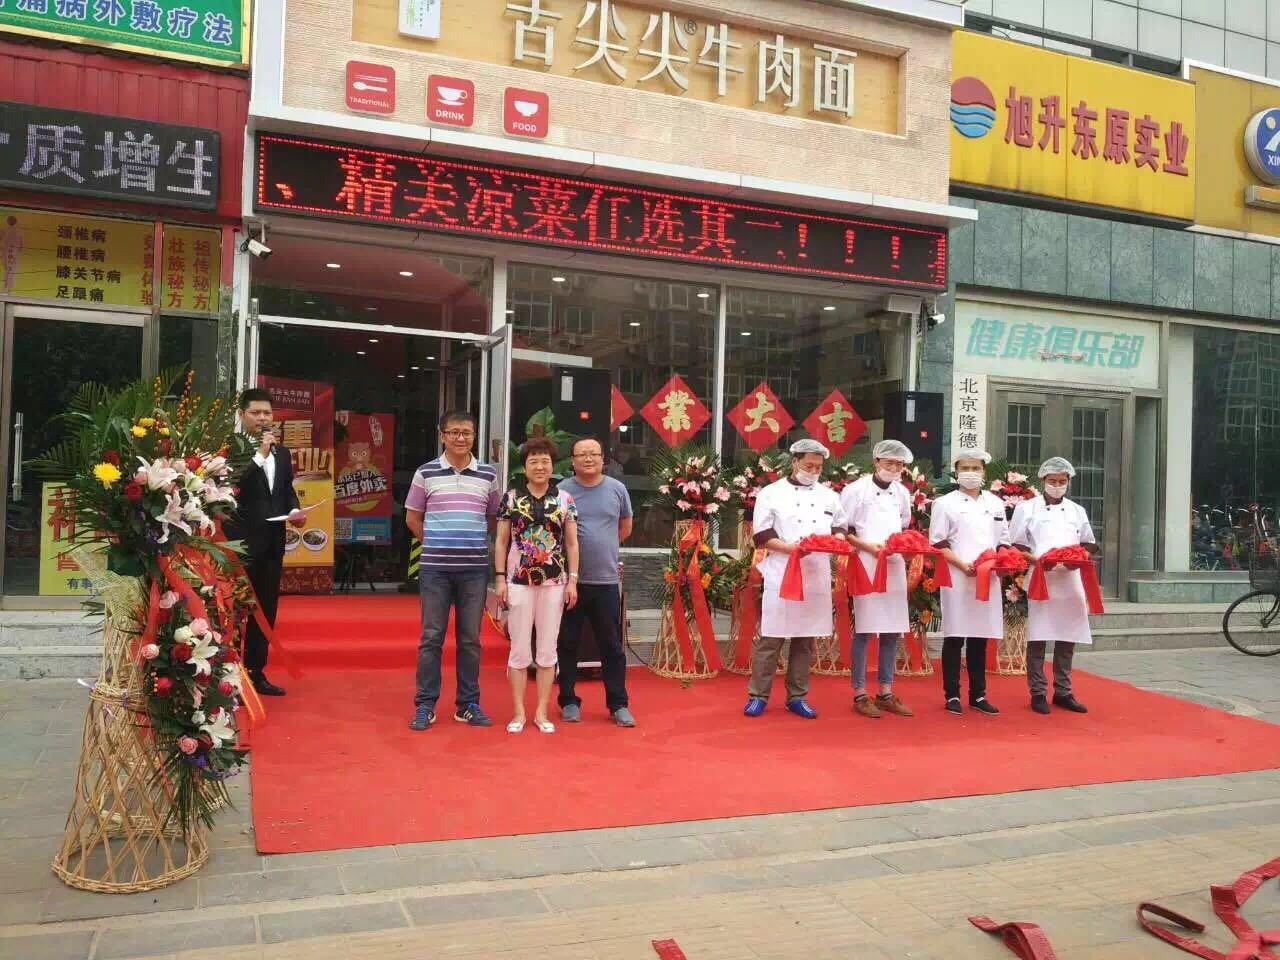 舌尖尖牛肉面北京怀柔店